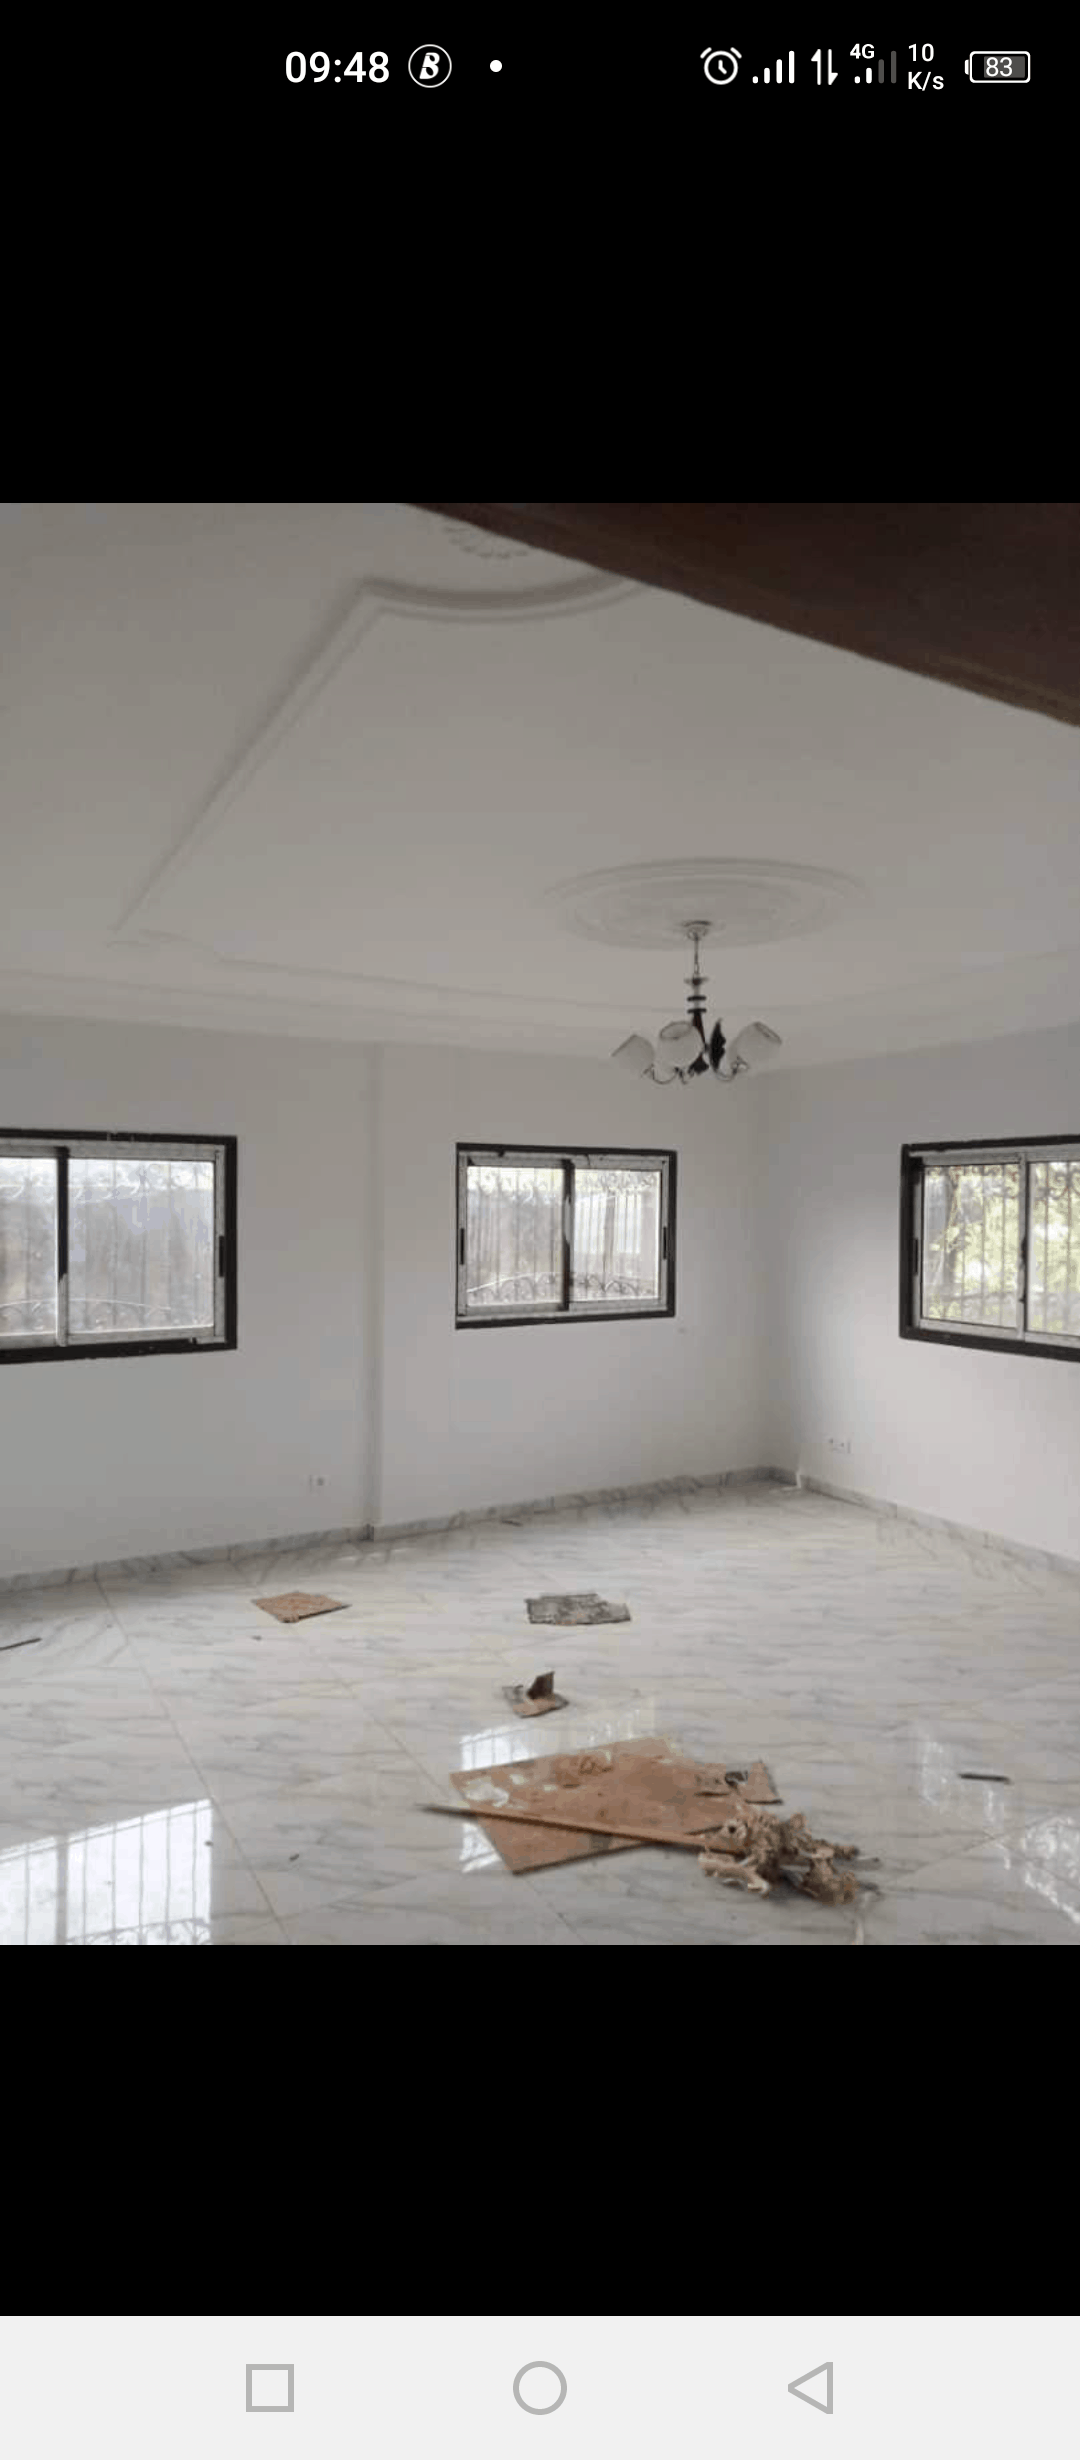 Appartement à louer - Douala, Kotto, 3 familles - 1 salon(s), 3 chambre(s), 2 salle(s) de bains - 200 000 FCFA / mois